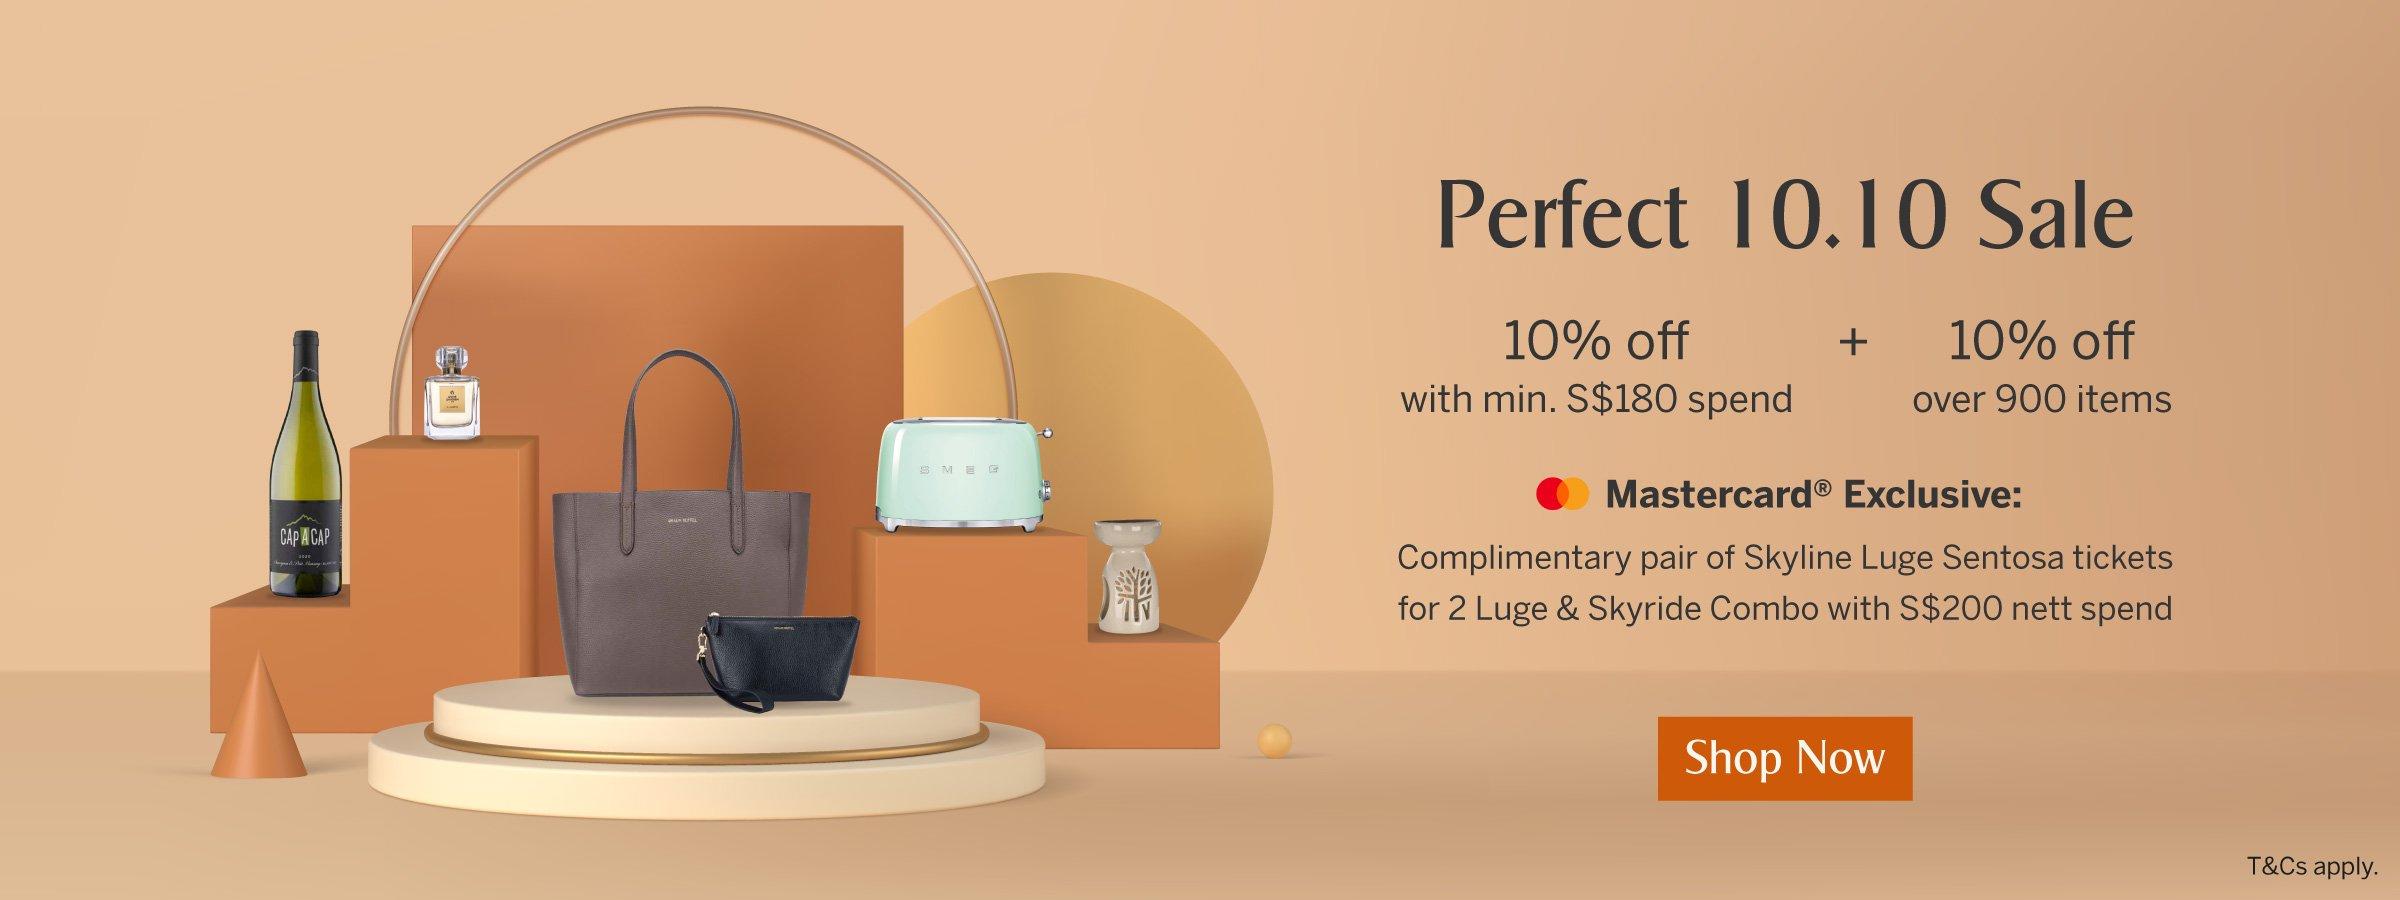 KrisShop's Perfect 10.10 Sale